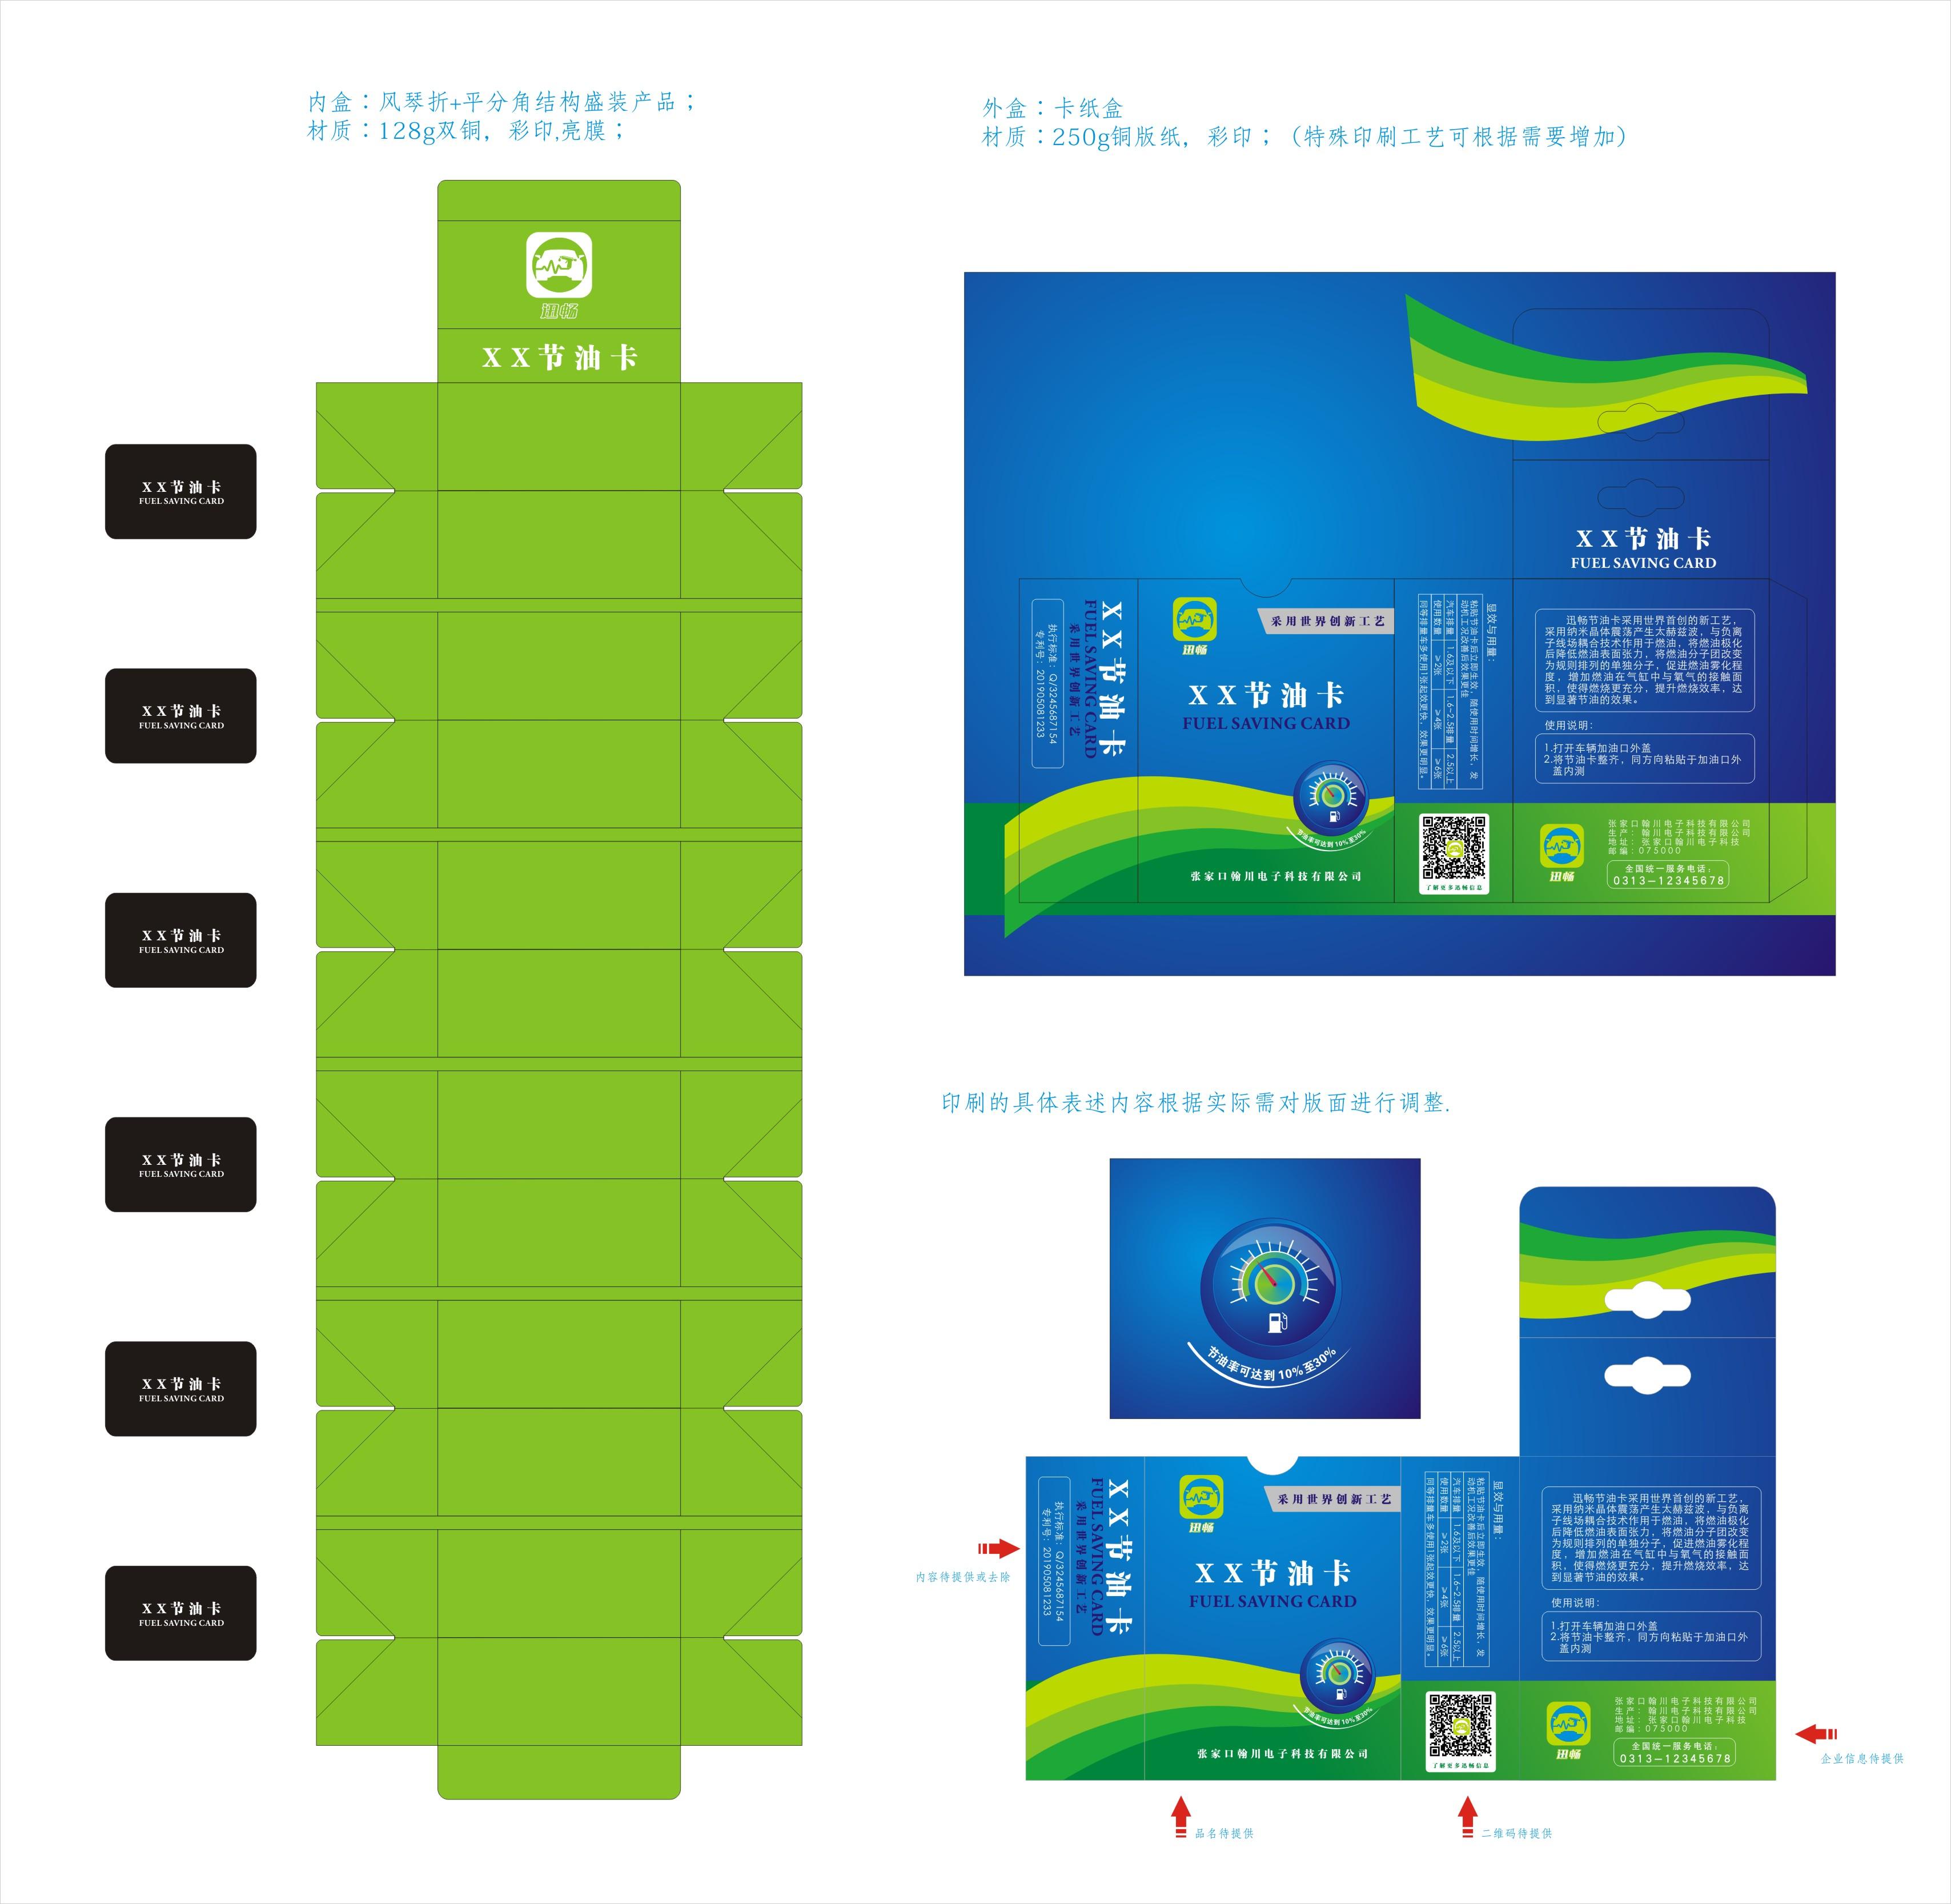 产品包装设计_3024422_k68威客网